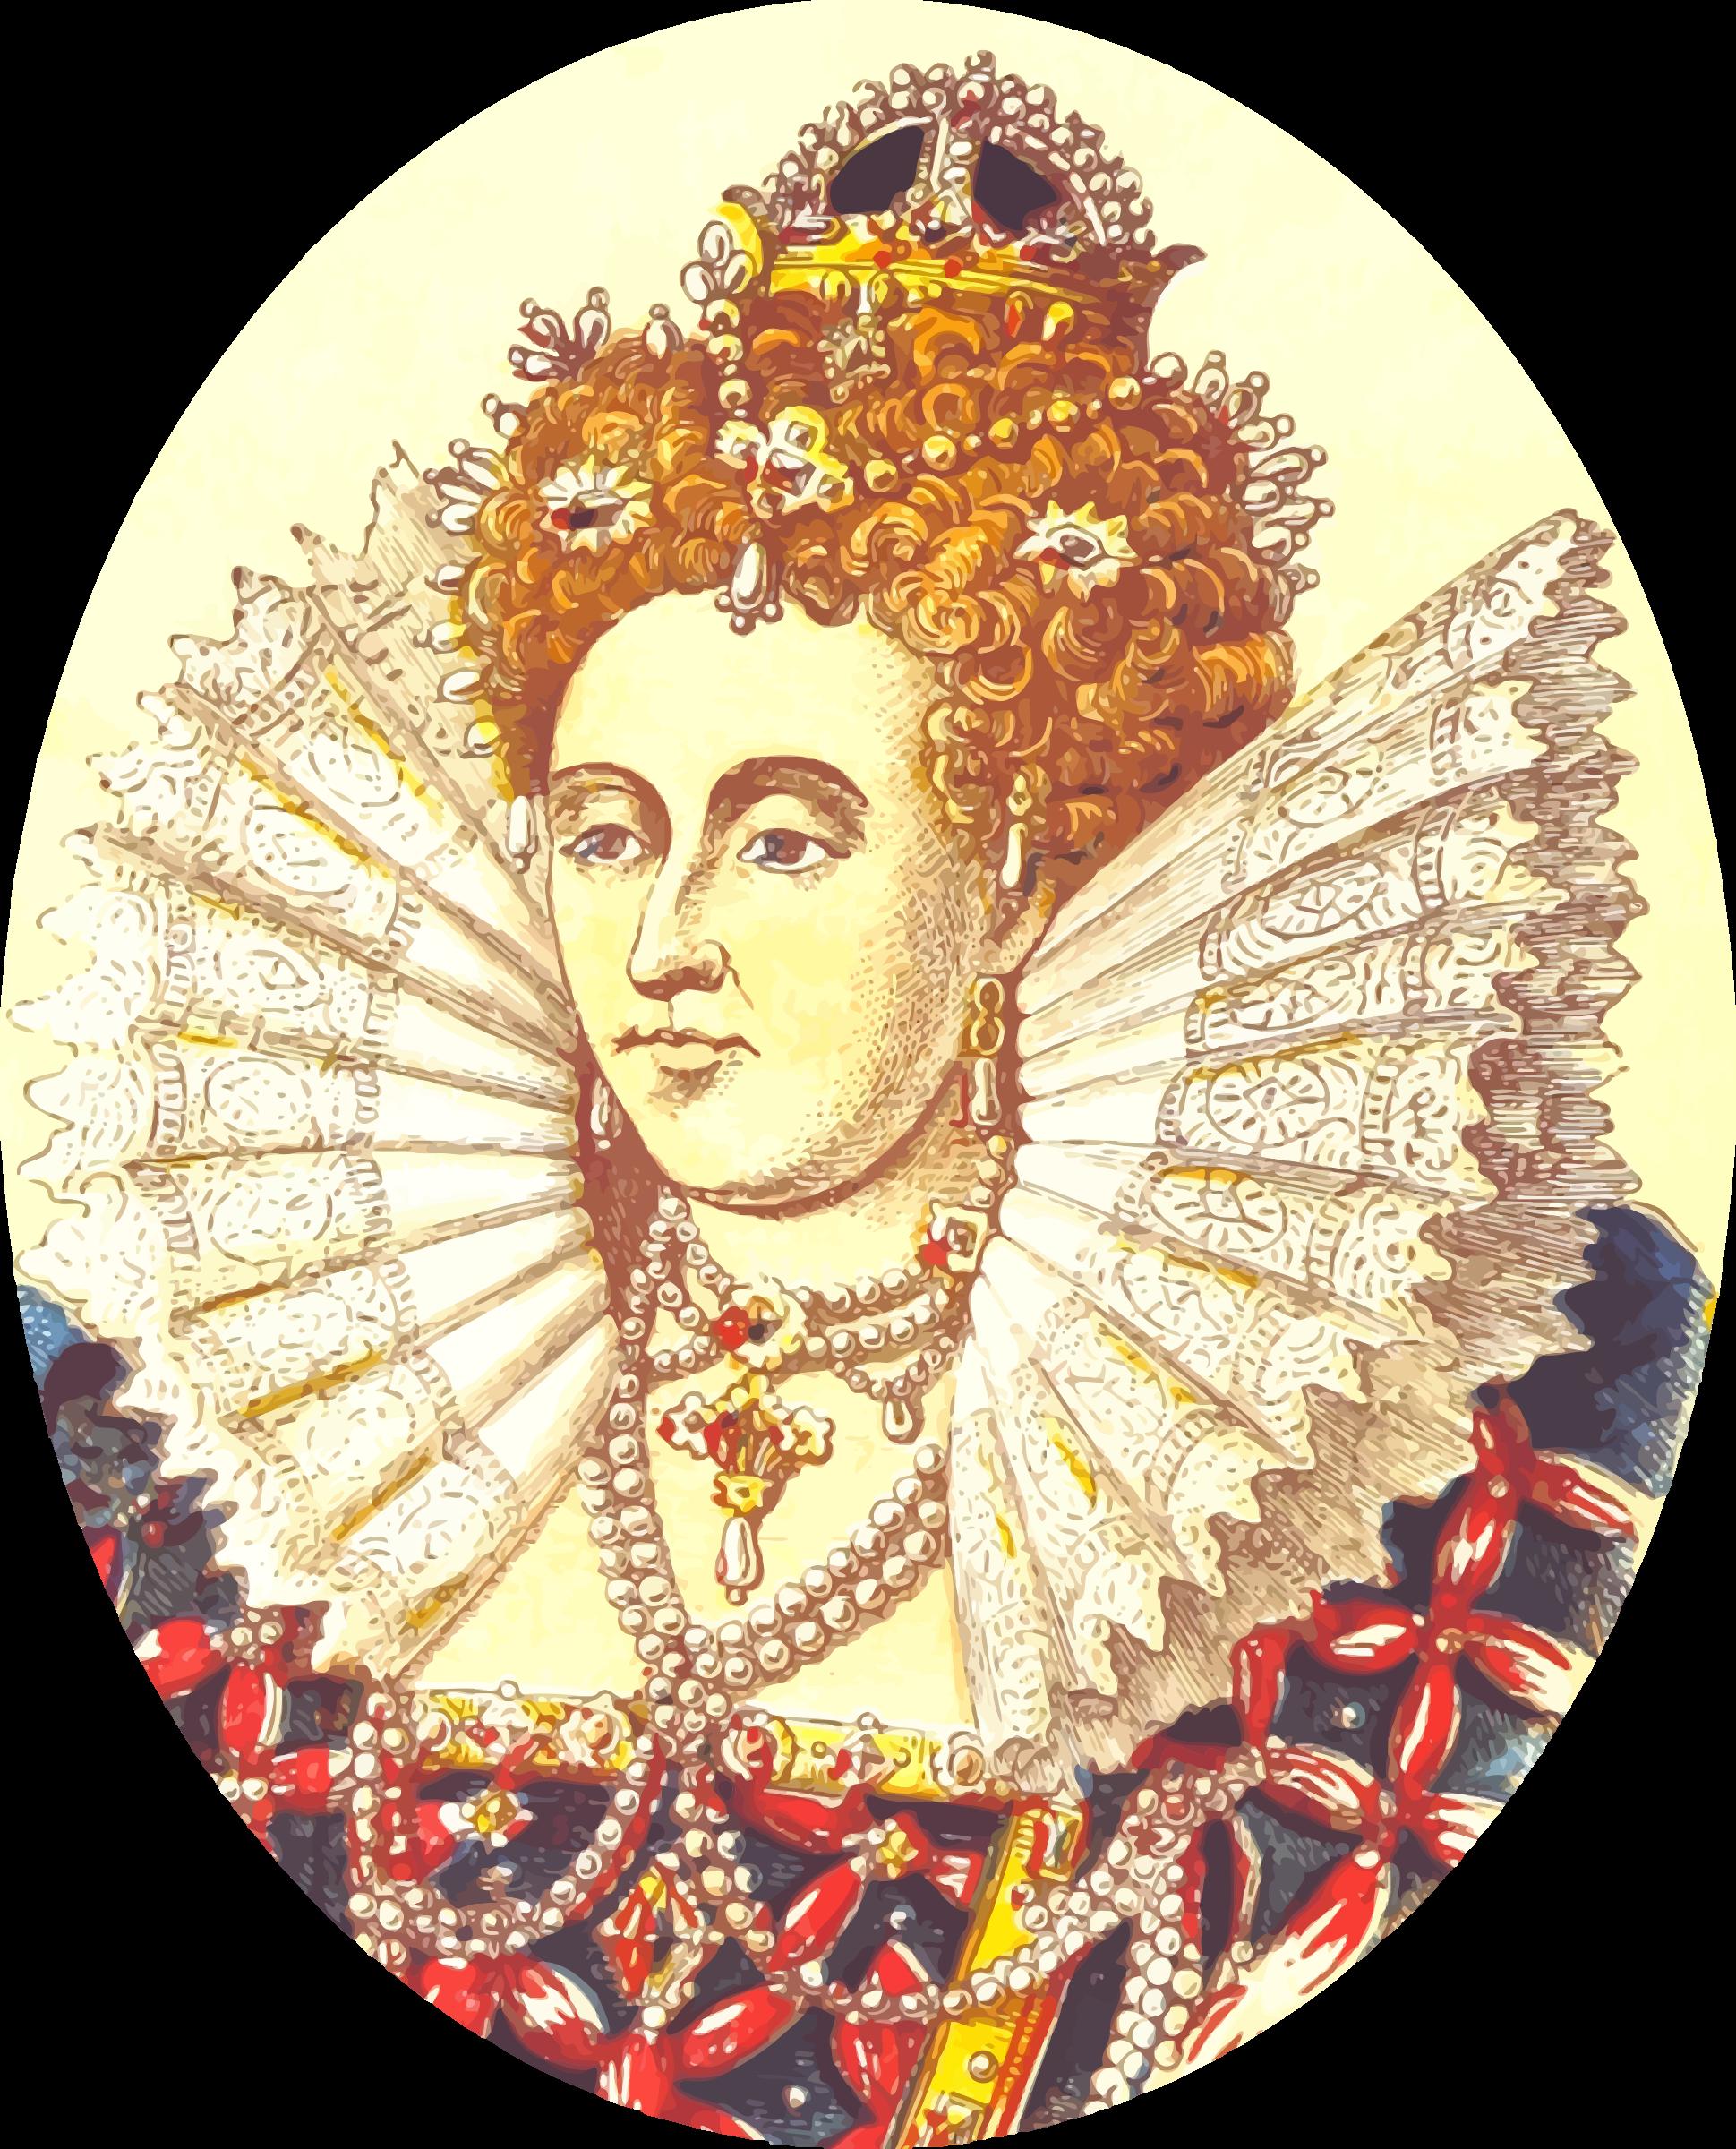 Queen Elizabeth I Version 2 By Firkin From A Drawing In Hanes Prydain Fawr O R Cyfnod Boreuaf Hyd Pictures Of Queen Elizabeth Elizabeth I Vintage Drawing